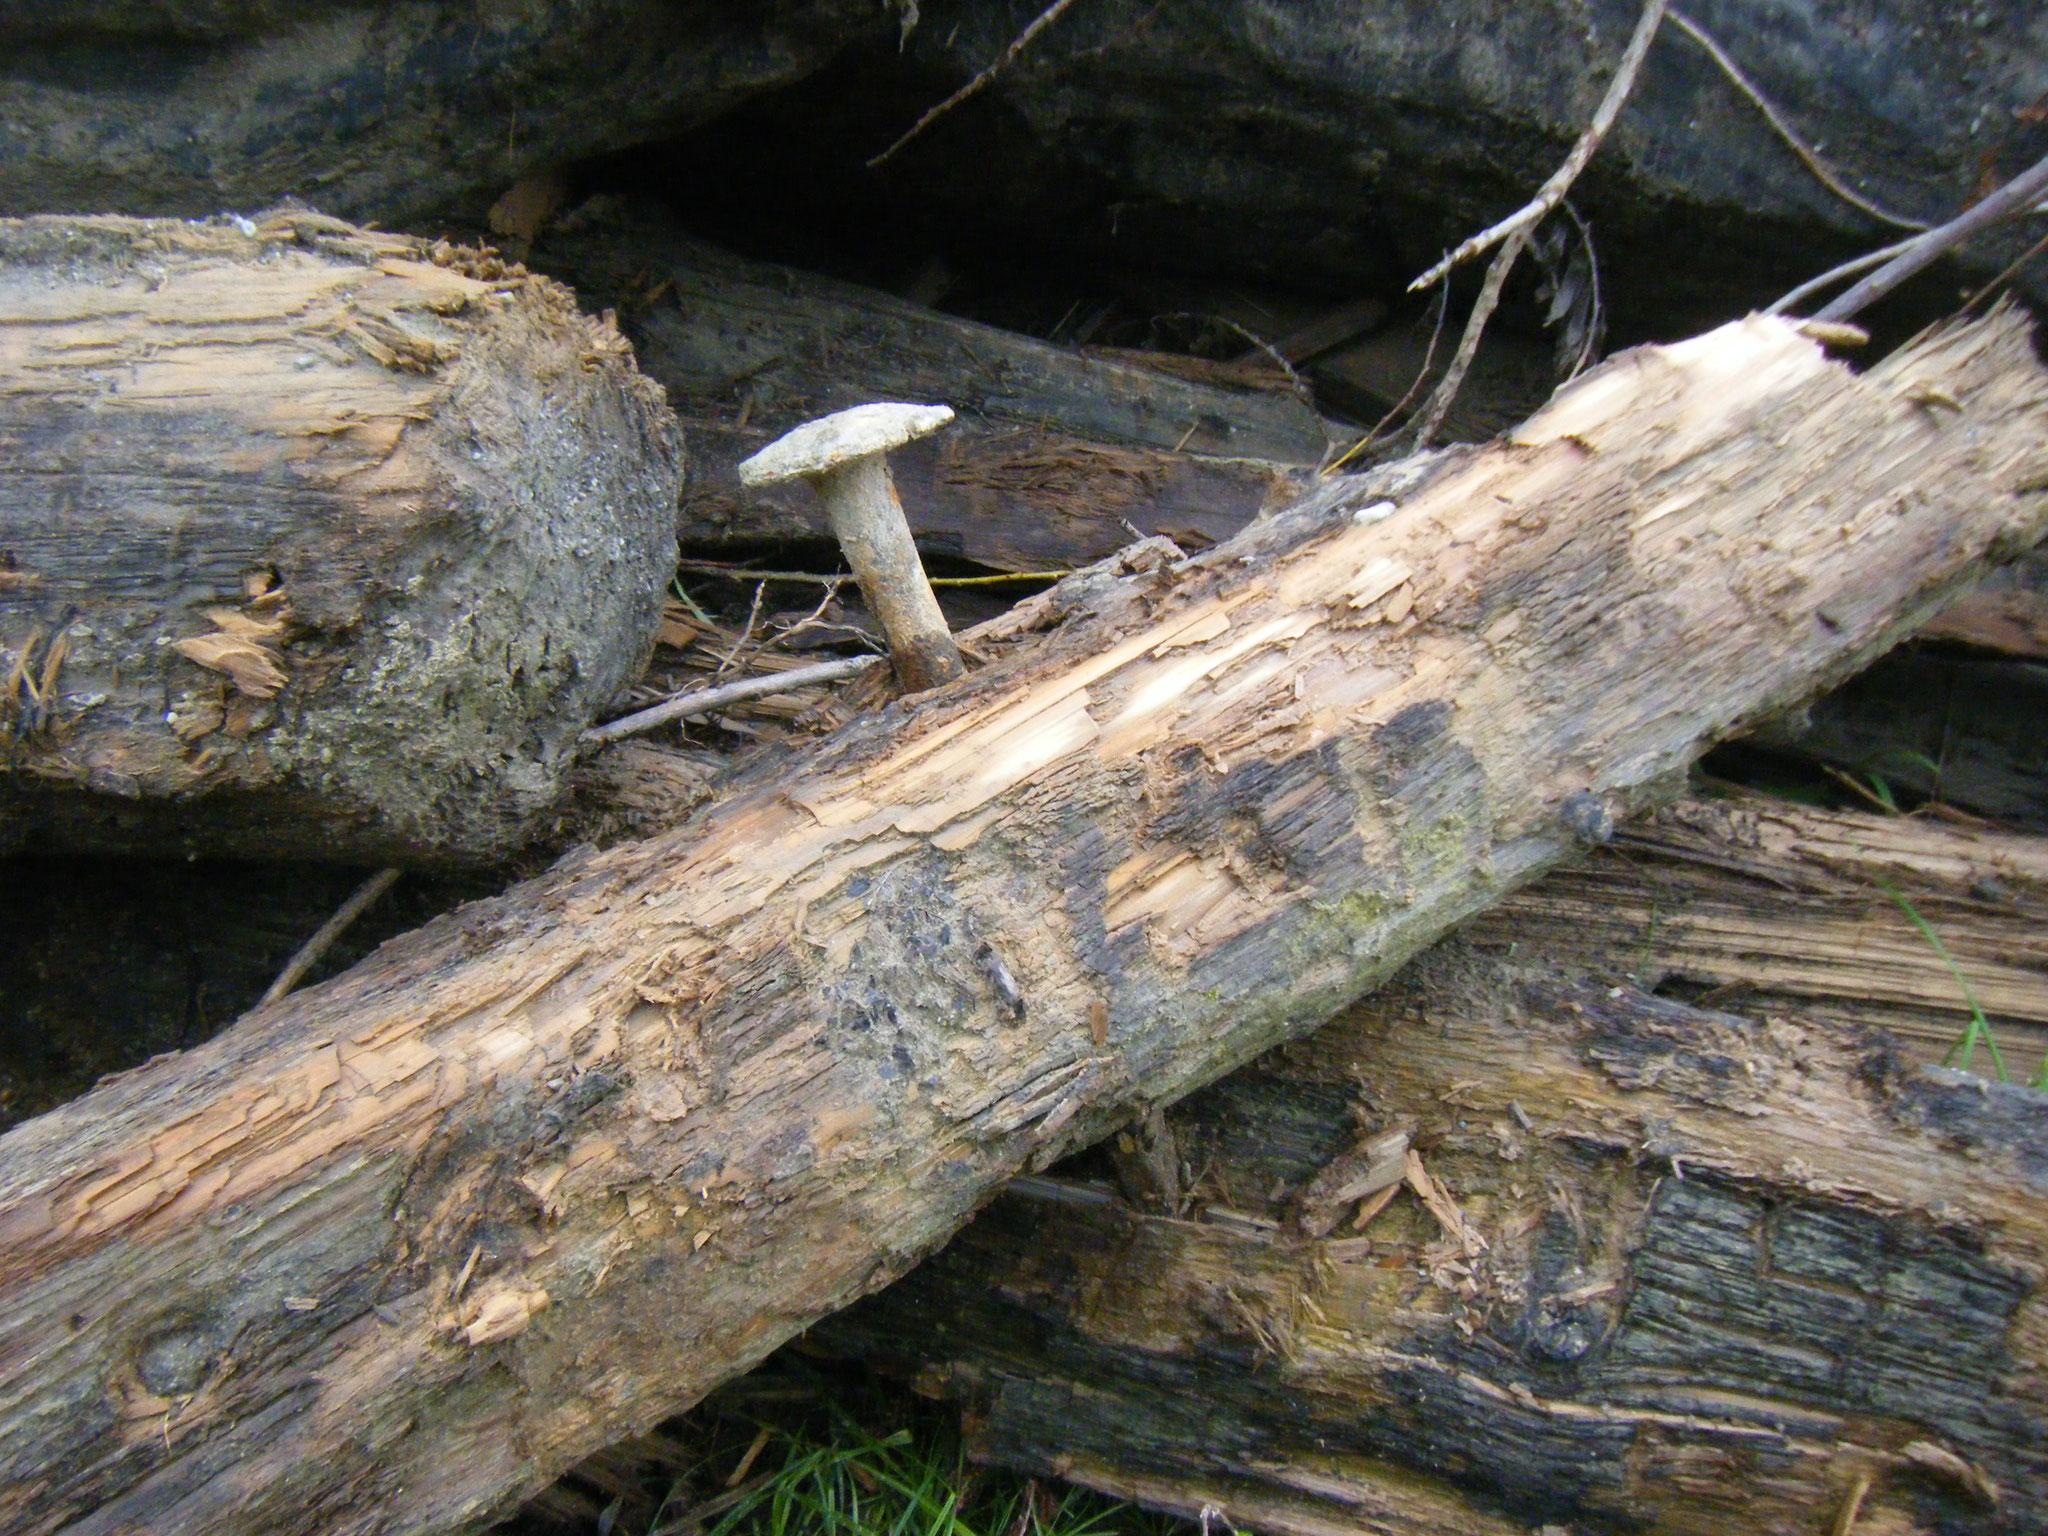 in den alten Balken des Rundelwehres stecken Nägel von martialischer Größe